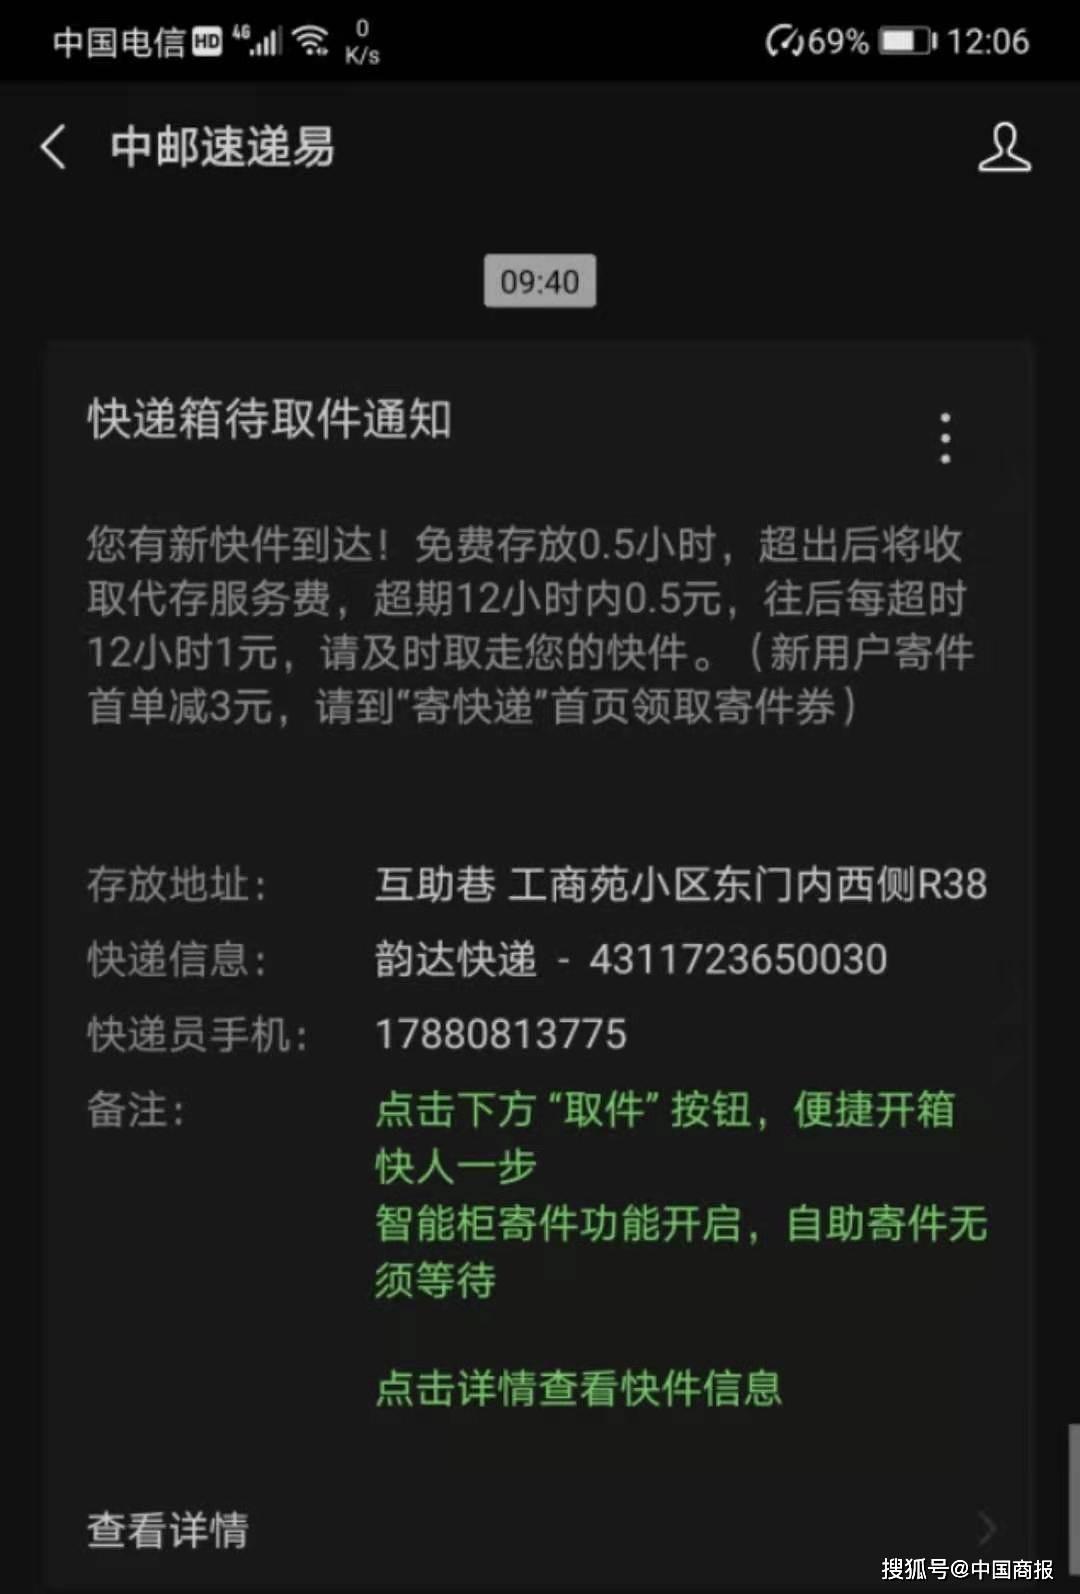 中国邮政快递快递柜半小时以上收费。网友:不如丰巢